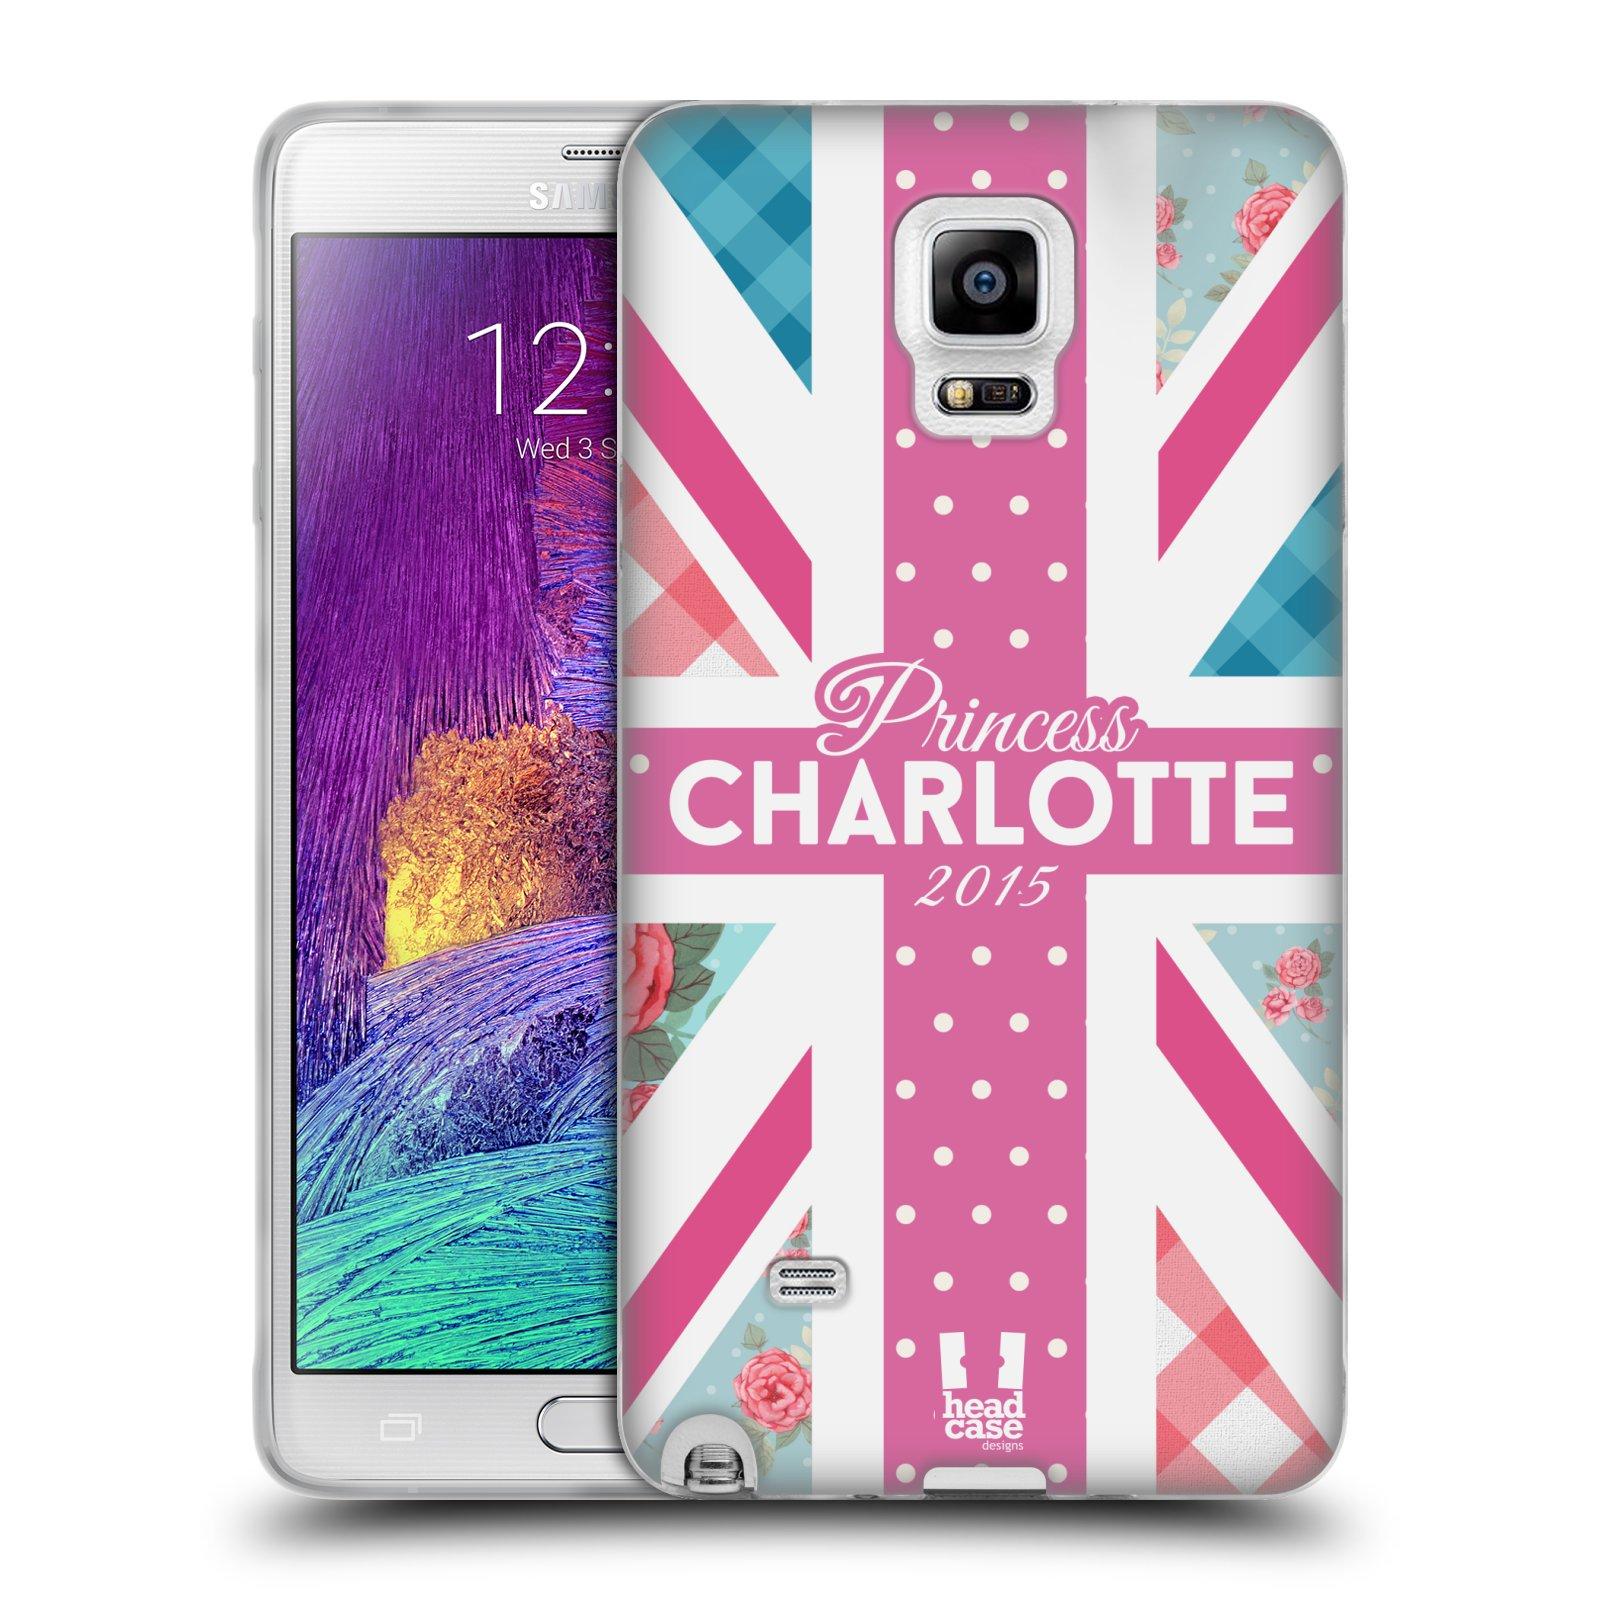 Silikonové pouzdro na mobil Samsung Galaxy Note 4 HEAD CASE PRINCEZNIČKA CHARLOTTE (Silikonový kryt či obal na mobilní telefon Samsung Galaxy Note 4 SM-N910F)